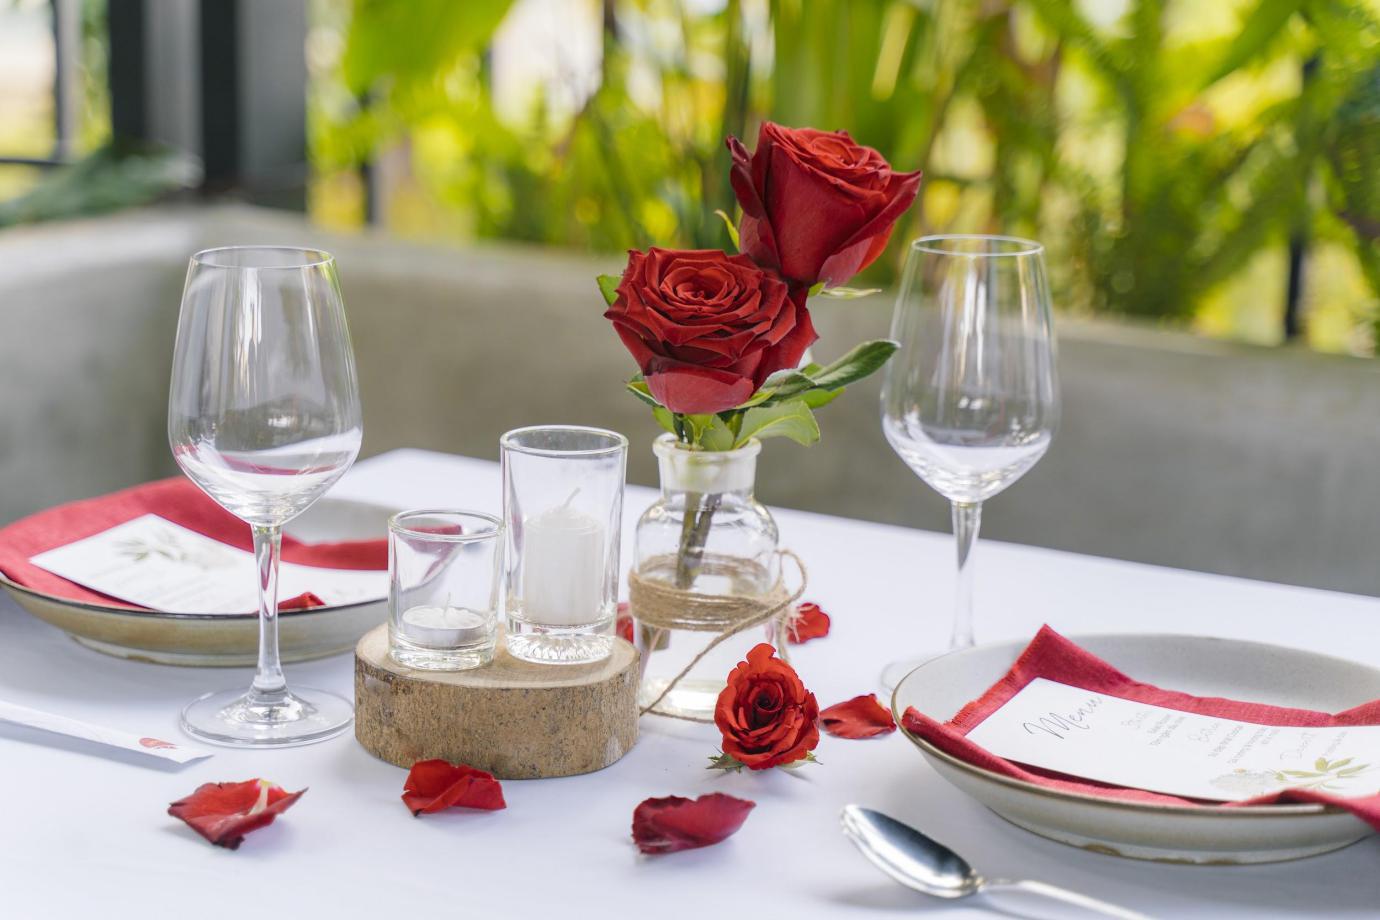 Hé lộ không gian lãng mạn cho cặp đôi dịp Valentine tại Sài Gòn - Ảnh 2.